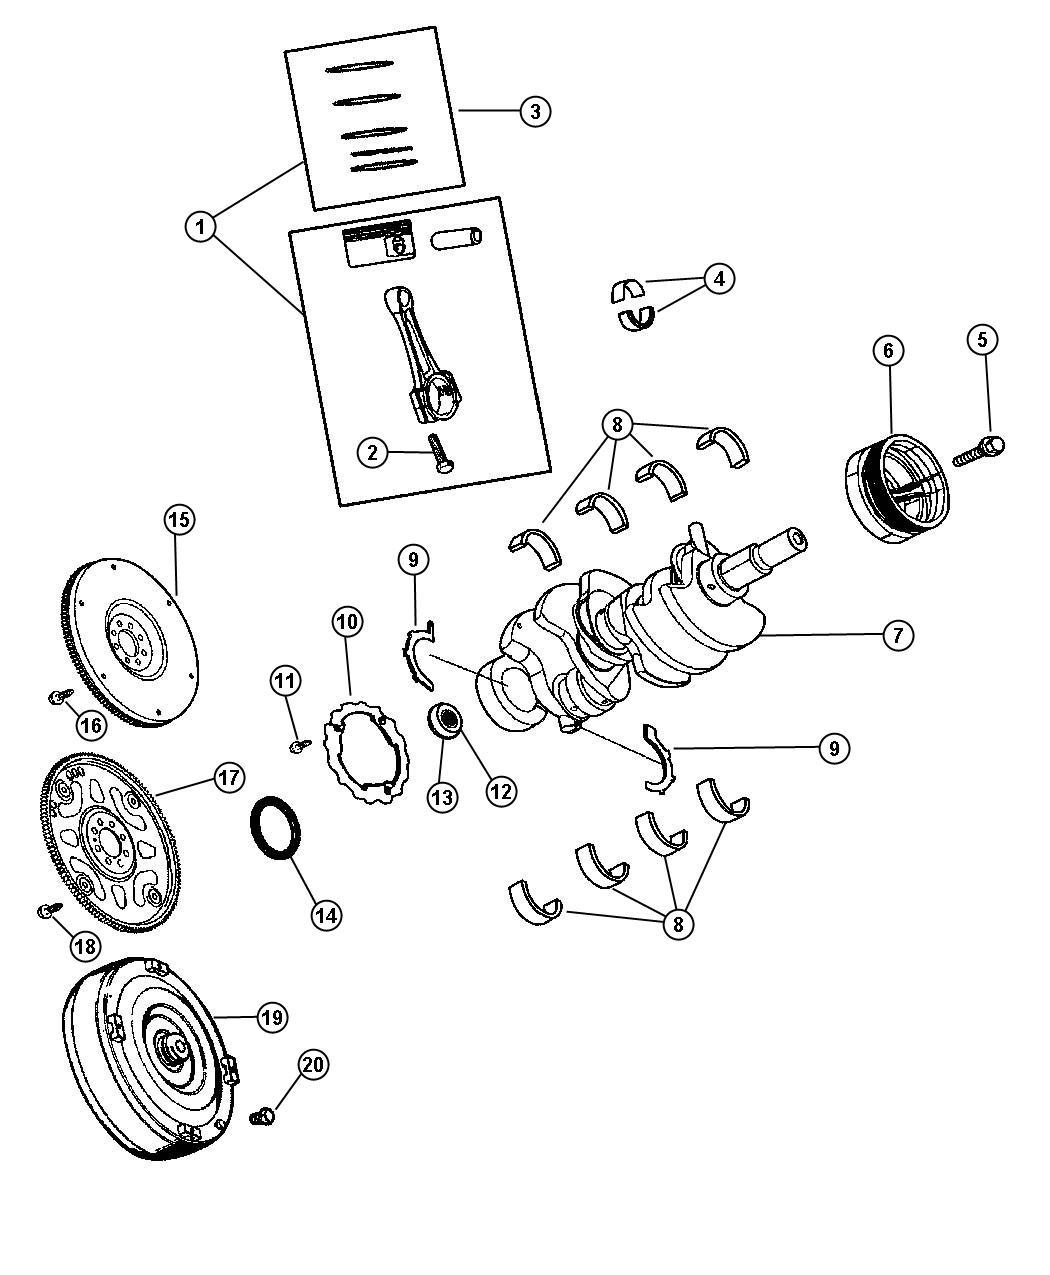 Jeep Liberty RENEGADE 4x4, 3.7L V6, 5-Speed HD Manual